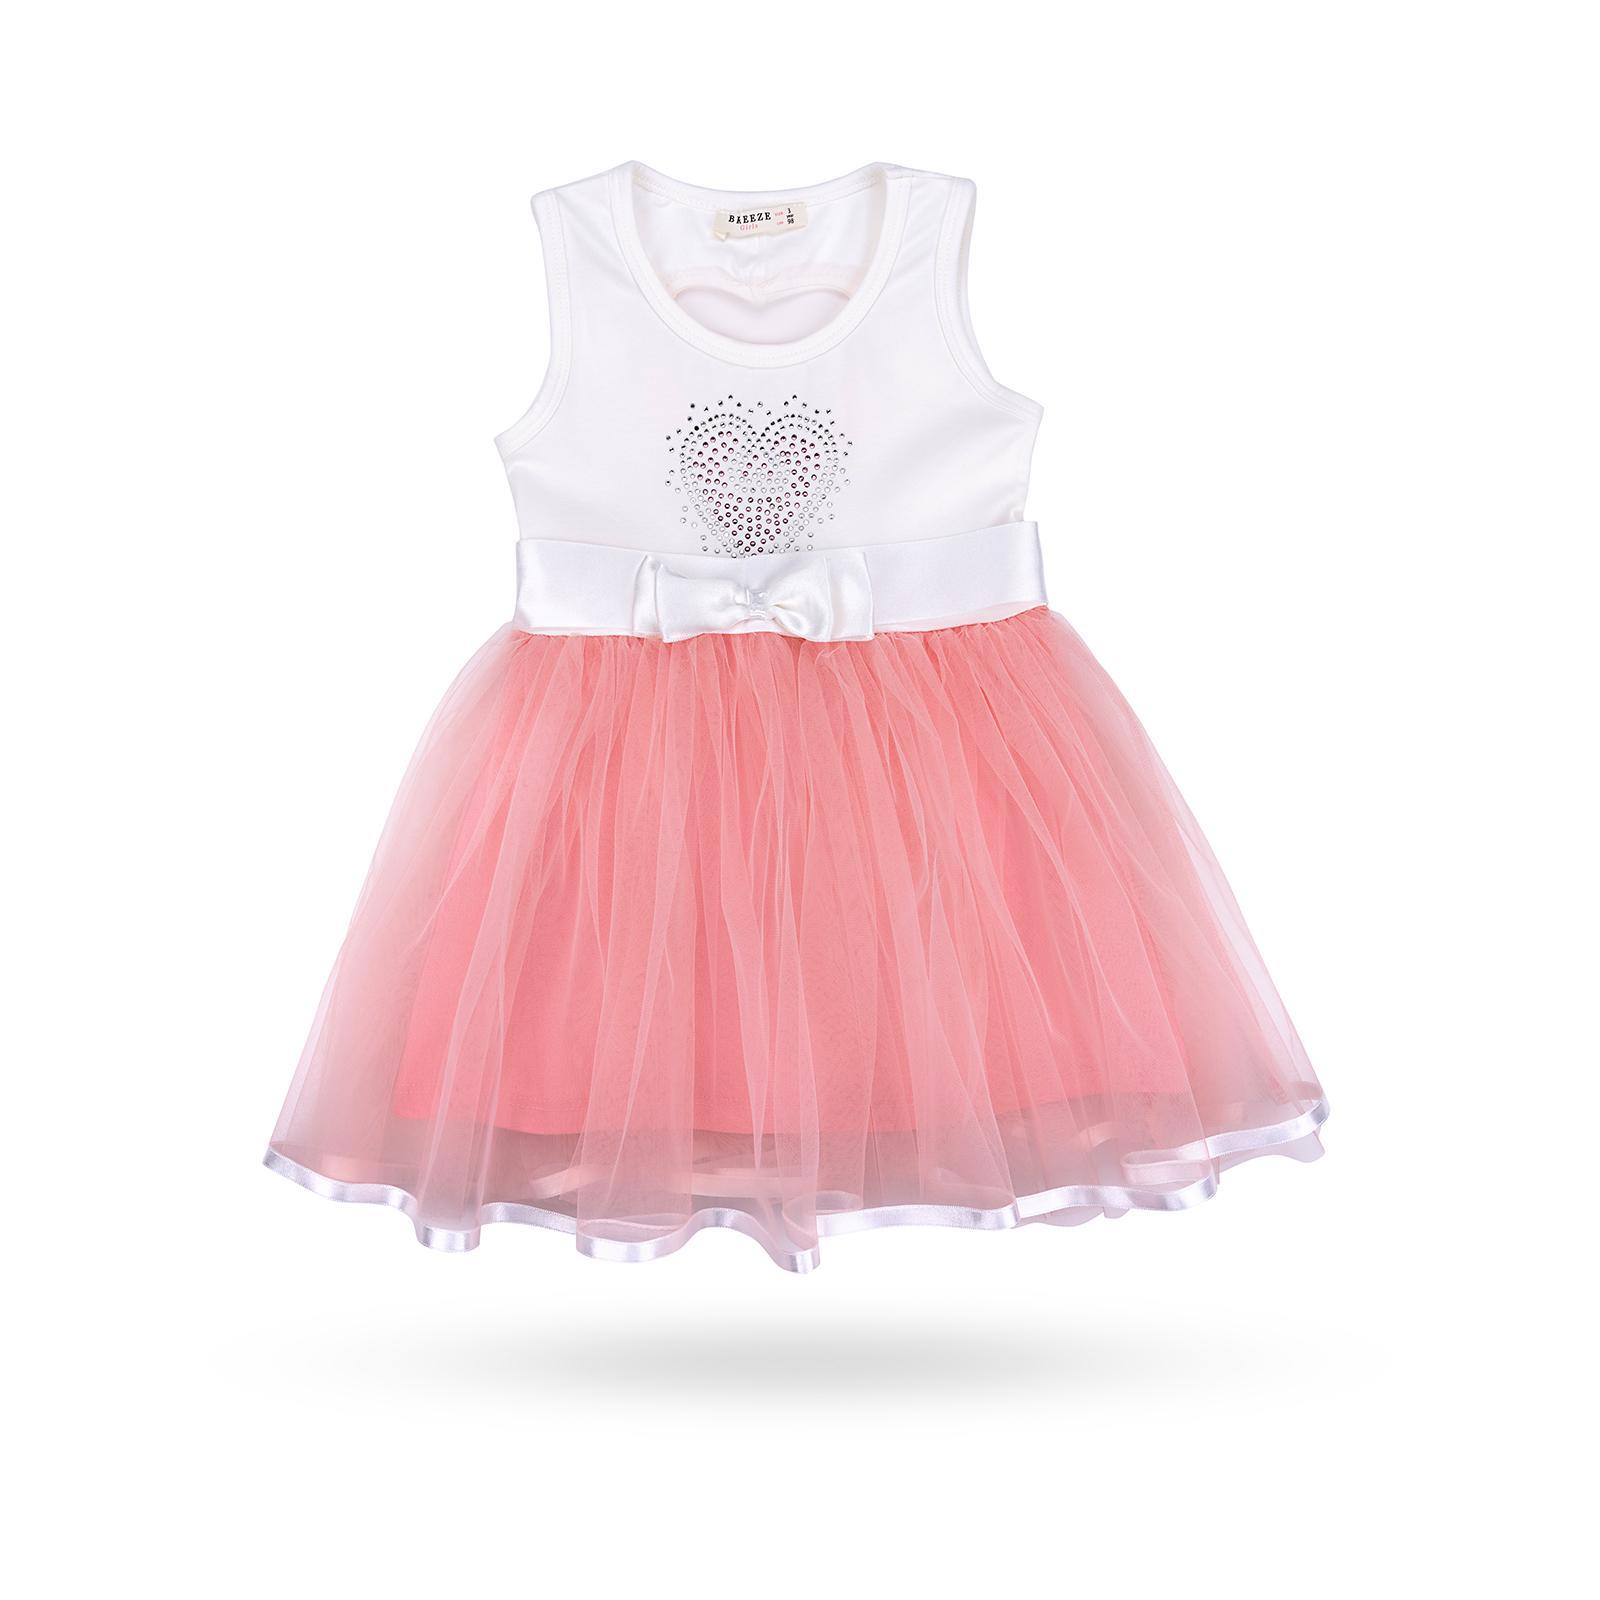 Платье Breeze сарафан с фатиновой юбкой и сердцем (10862-128G-peach)